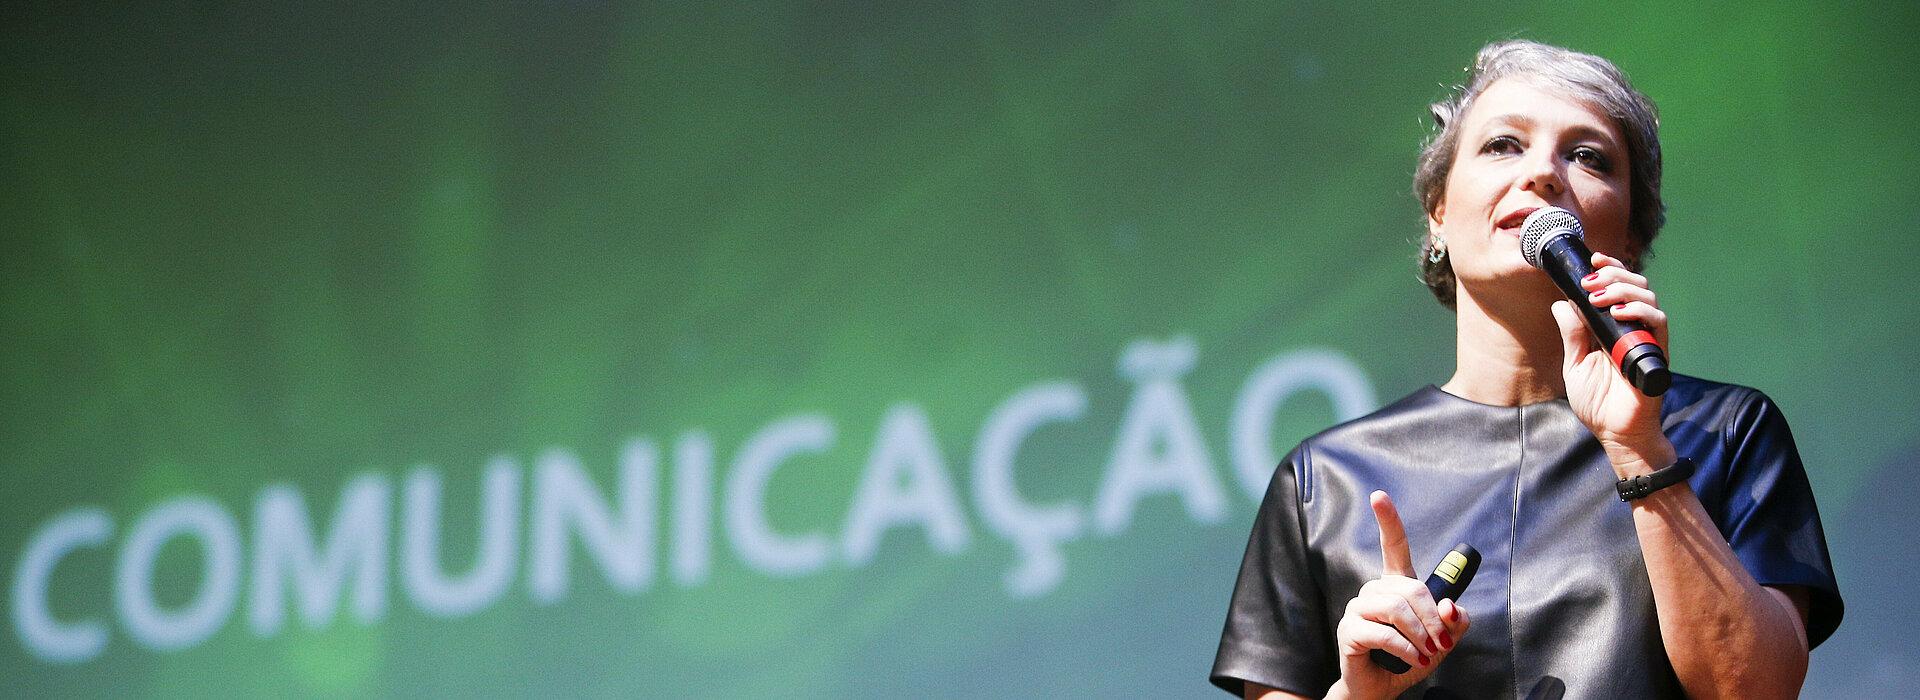 Daniela Cachich no palco com telão ao fundo